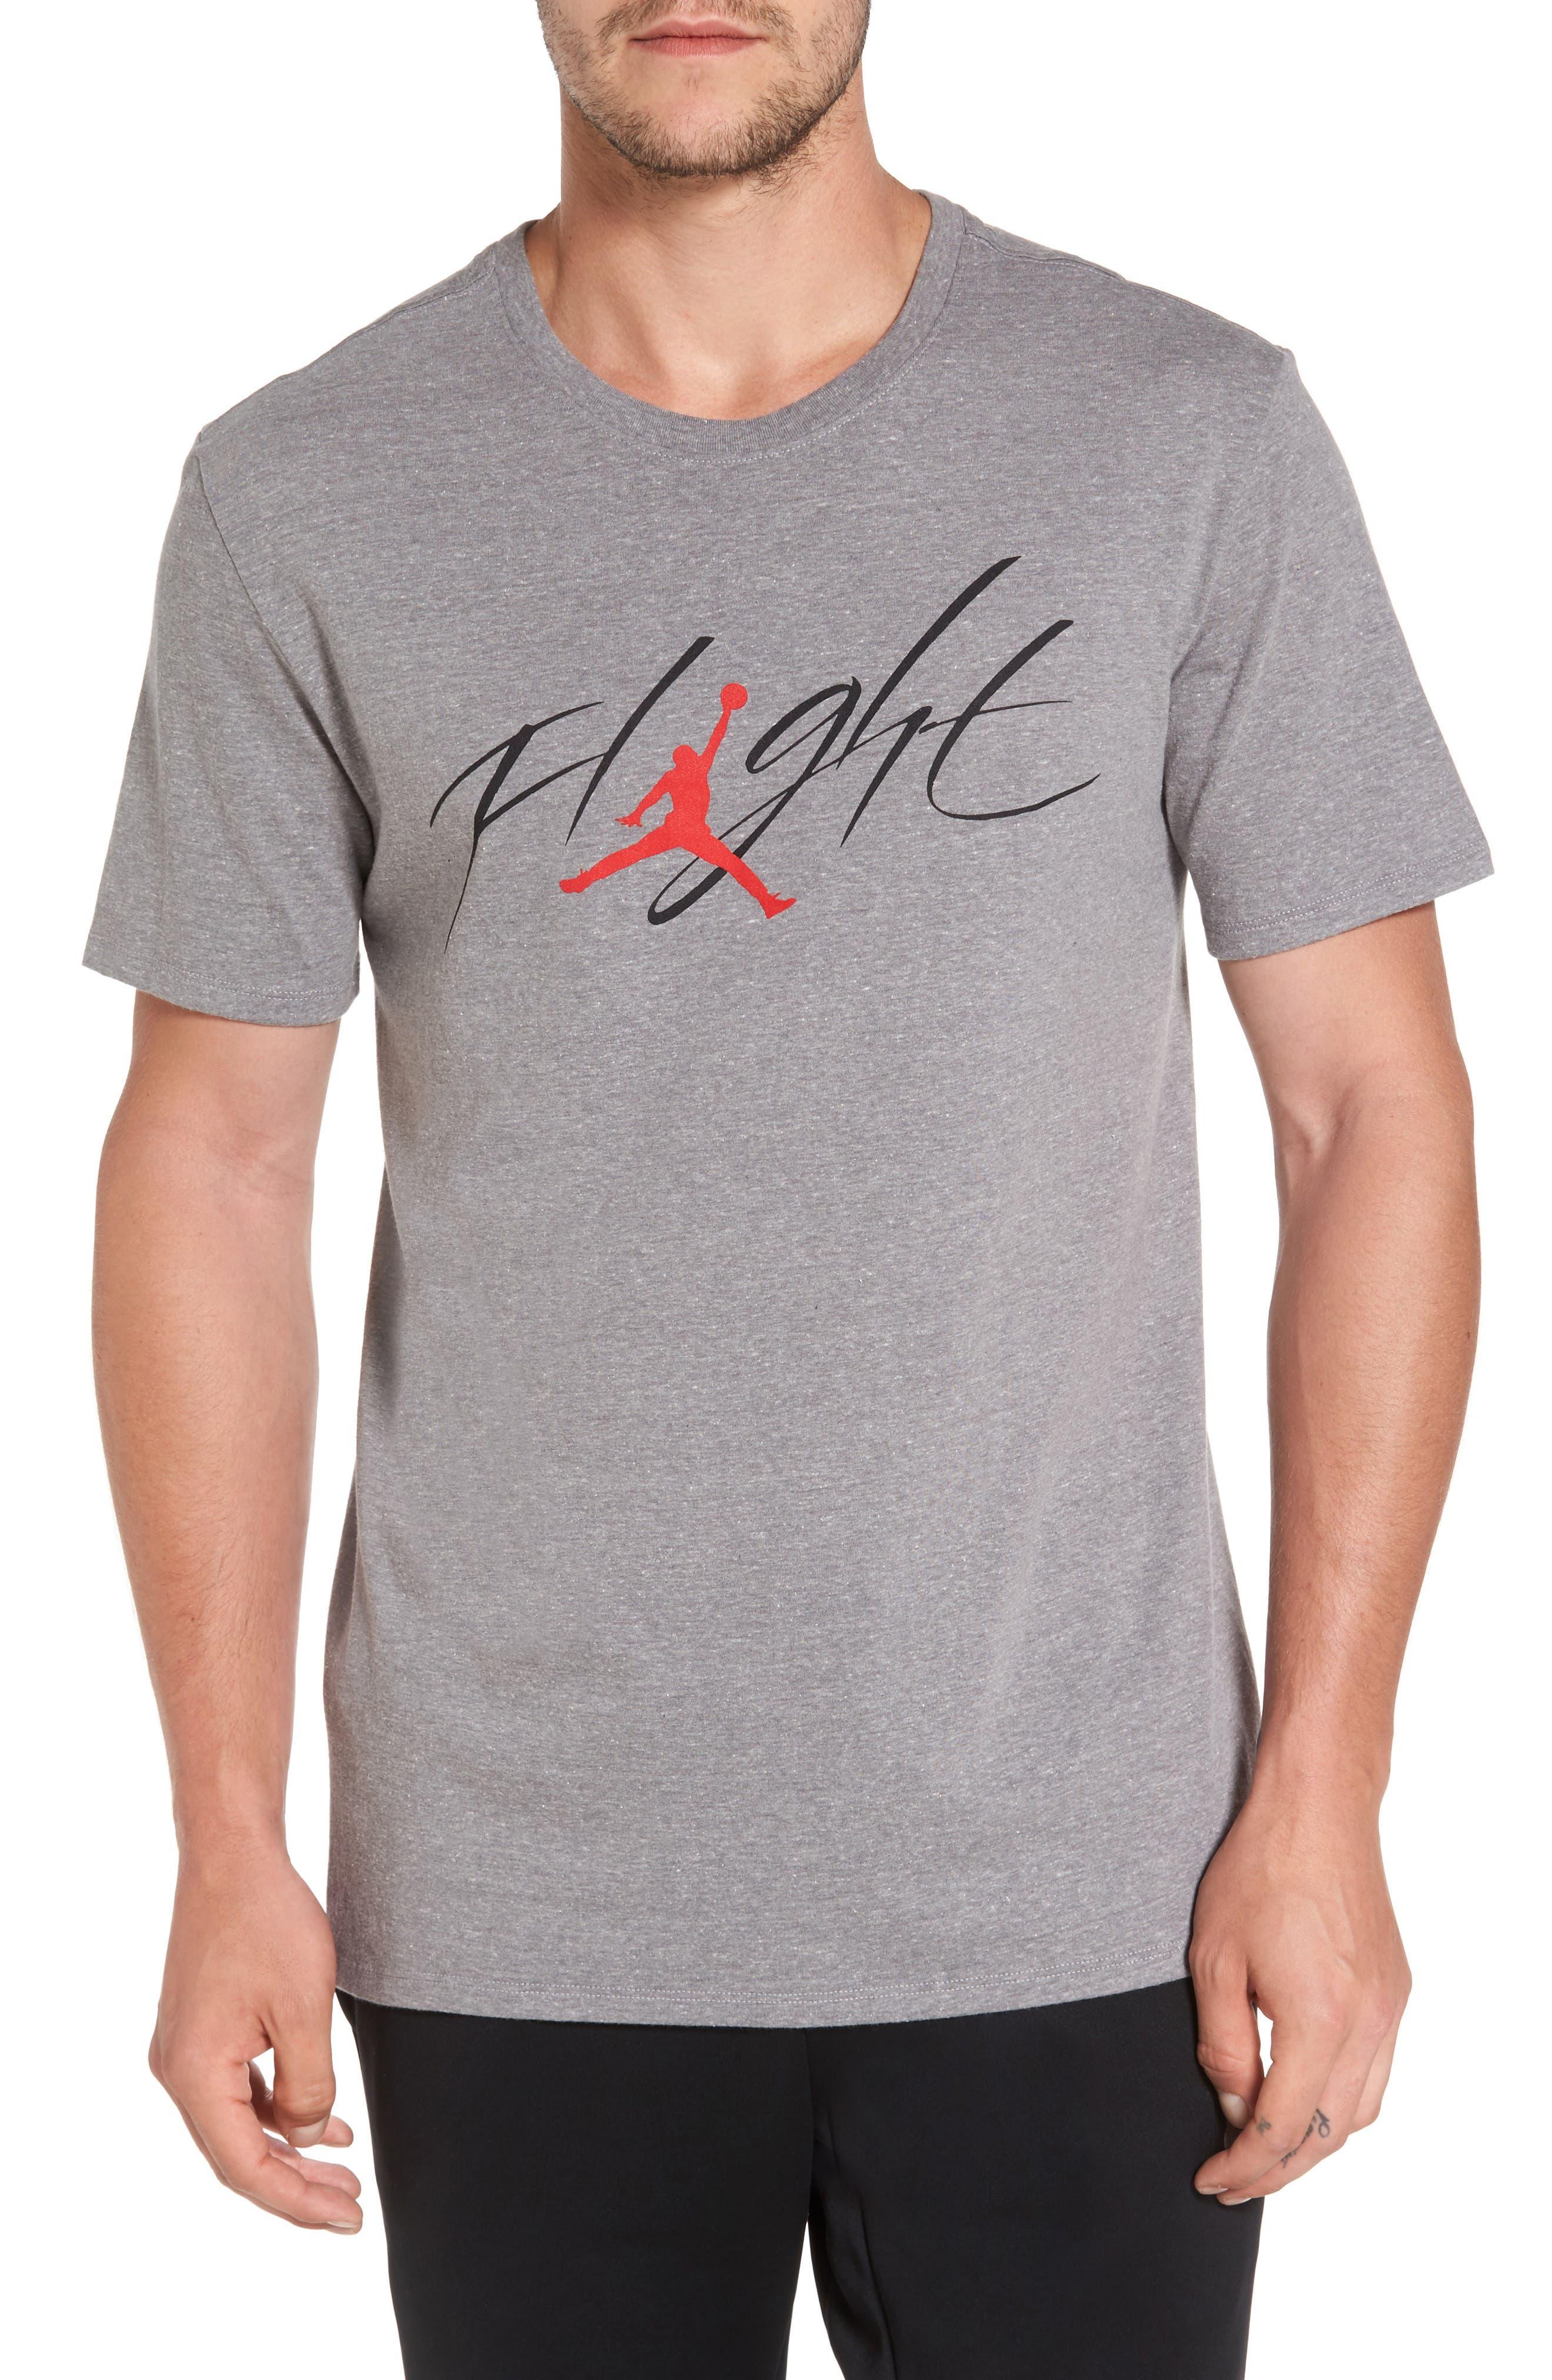 Main Image - Nike Jordan Sportswear Flight T-Shirt